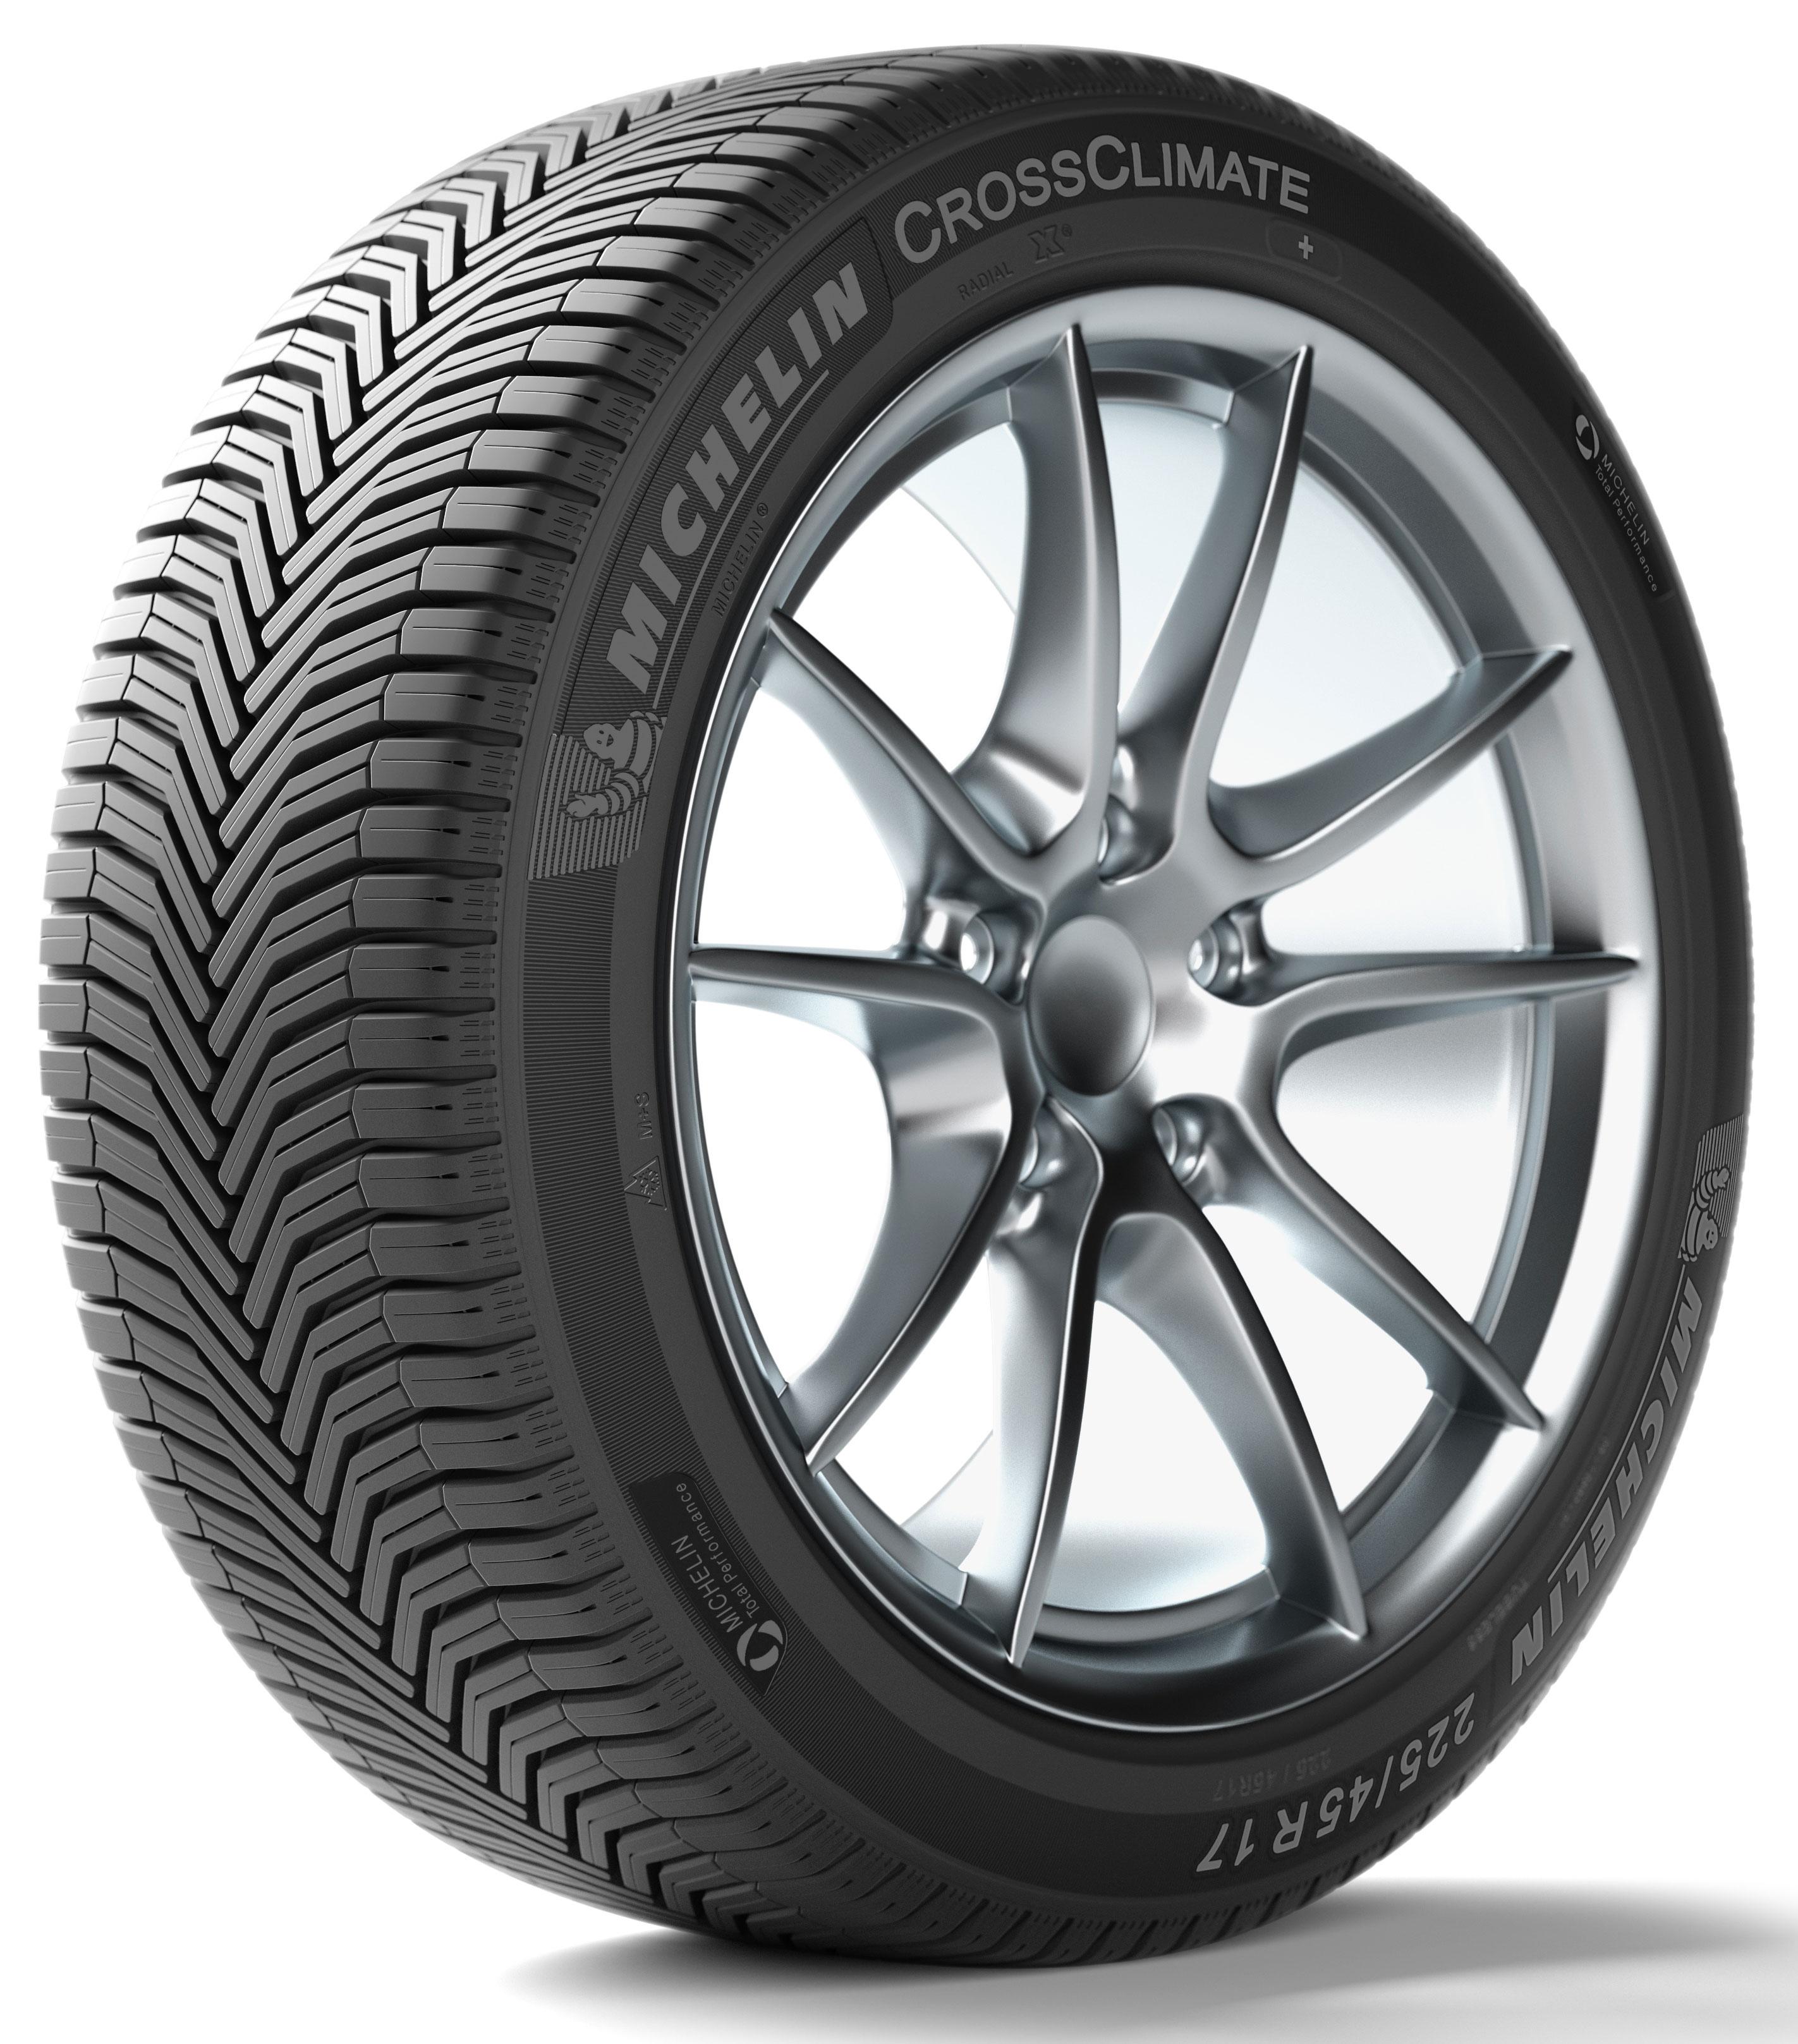 Michelin CrossClimate+ XL 235/45 R17 97Y négyévszakos gumi